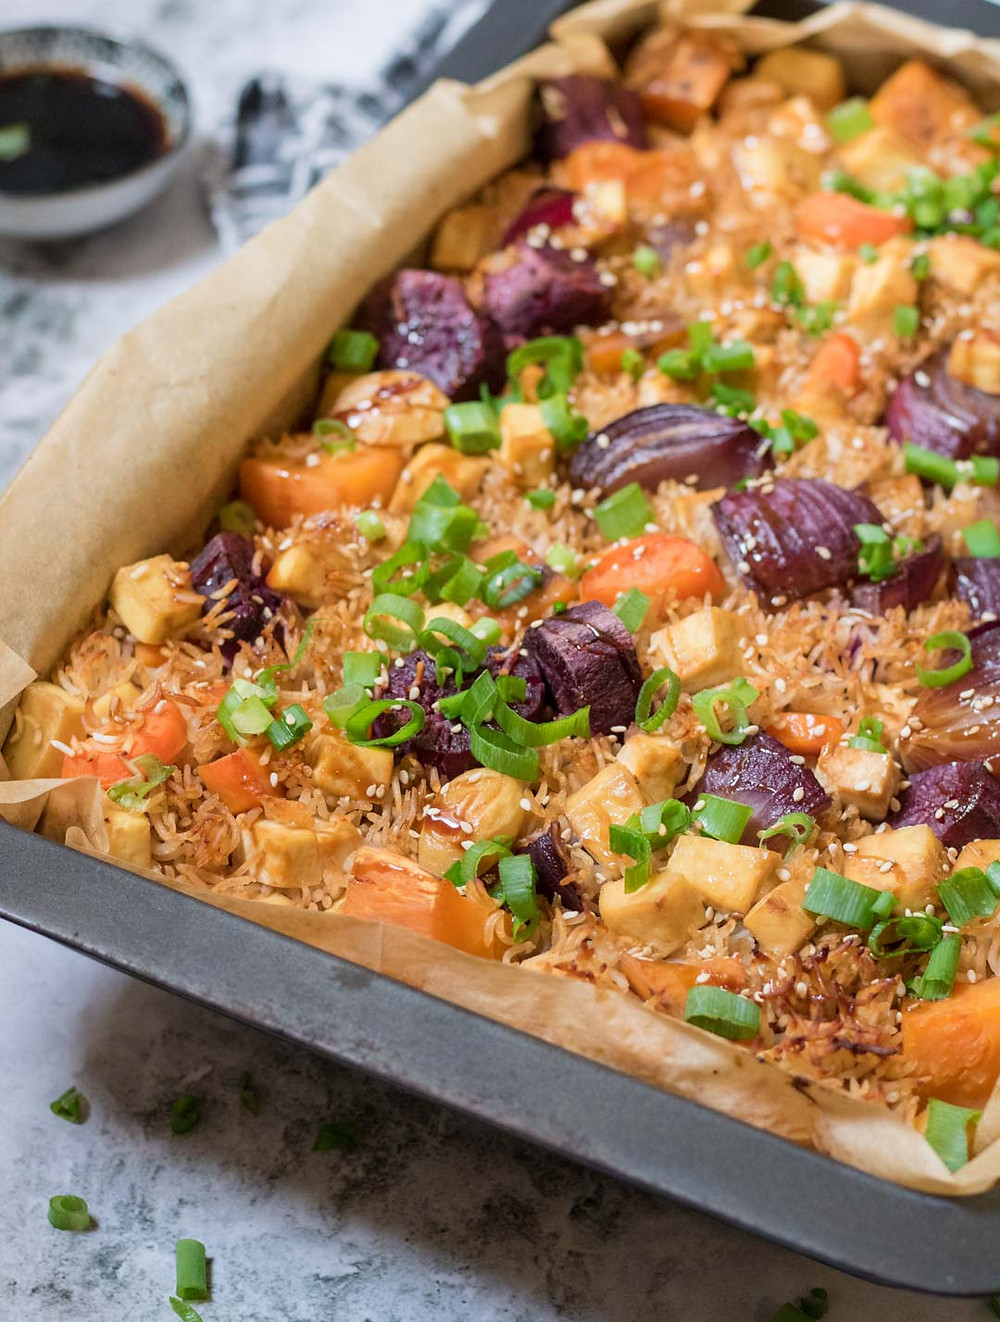 מנה טבעונית לארוחת צהריים בריאה אורז עם ירקות וטופו